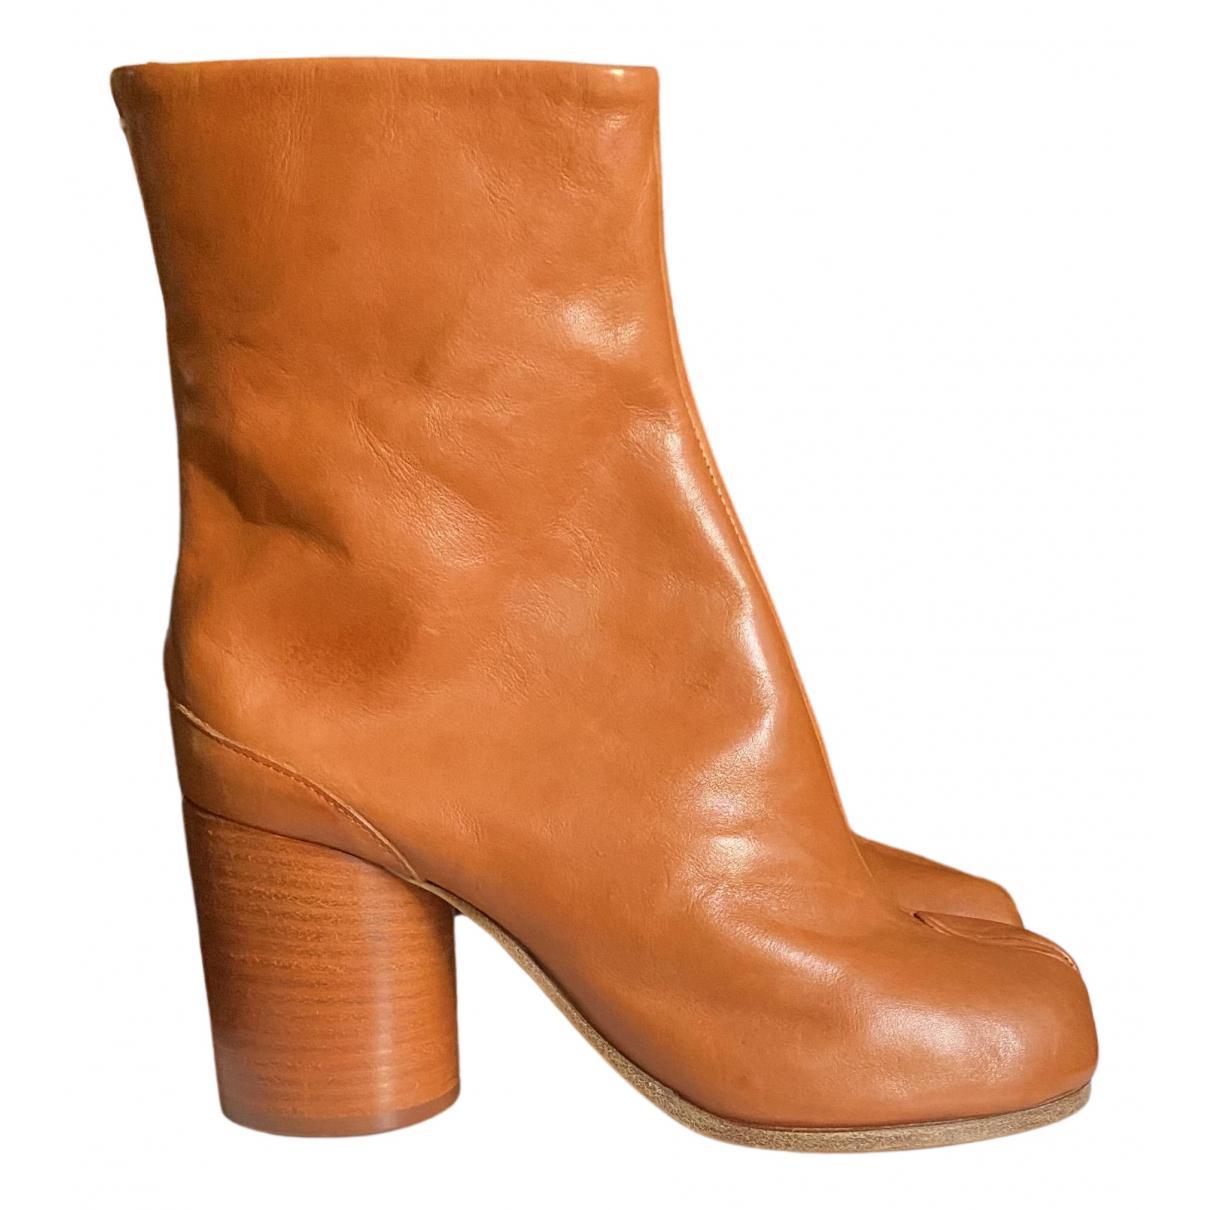 Maison Martin Margiela - Boots Tabi pour femme en cuir - camel